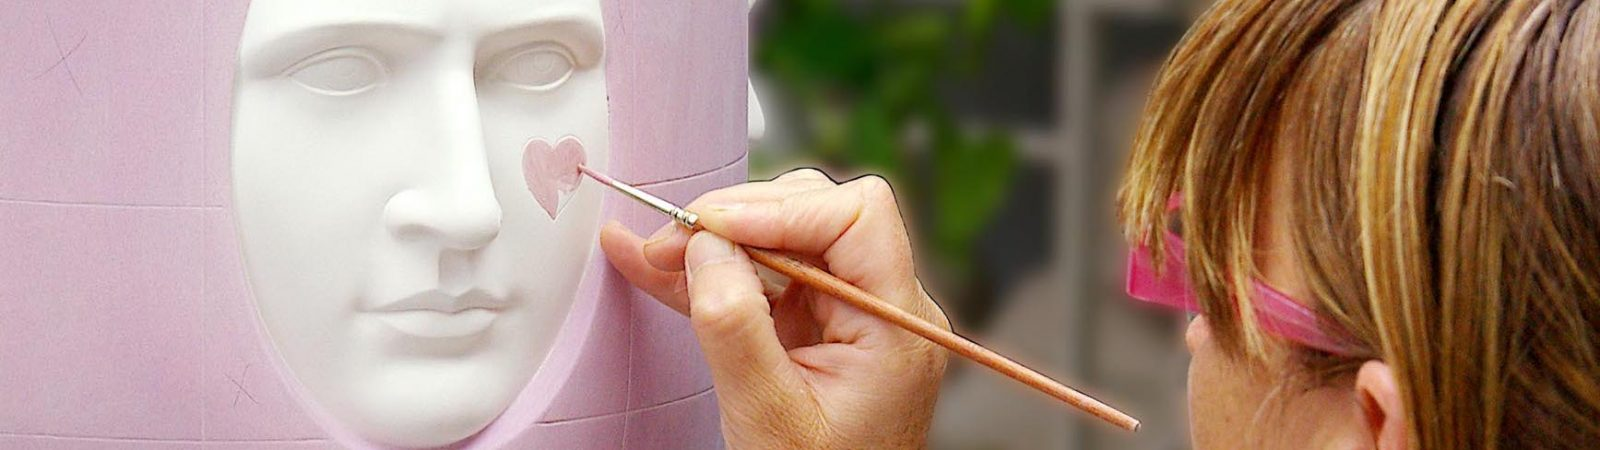 Pensadas para durar, las piezas de Lladró también buscan reducir el impacto en su creación.